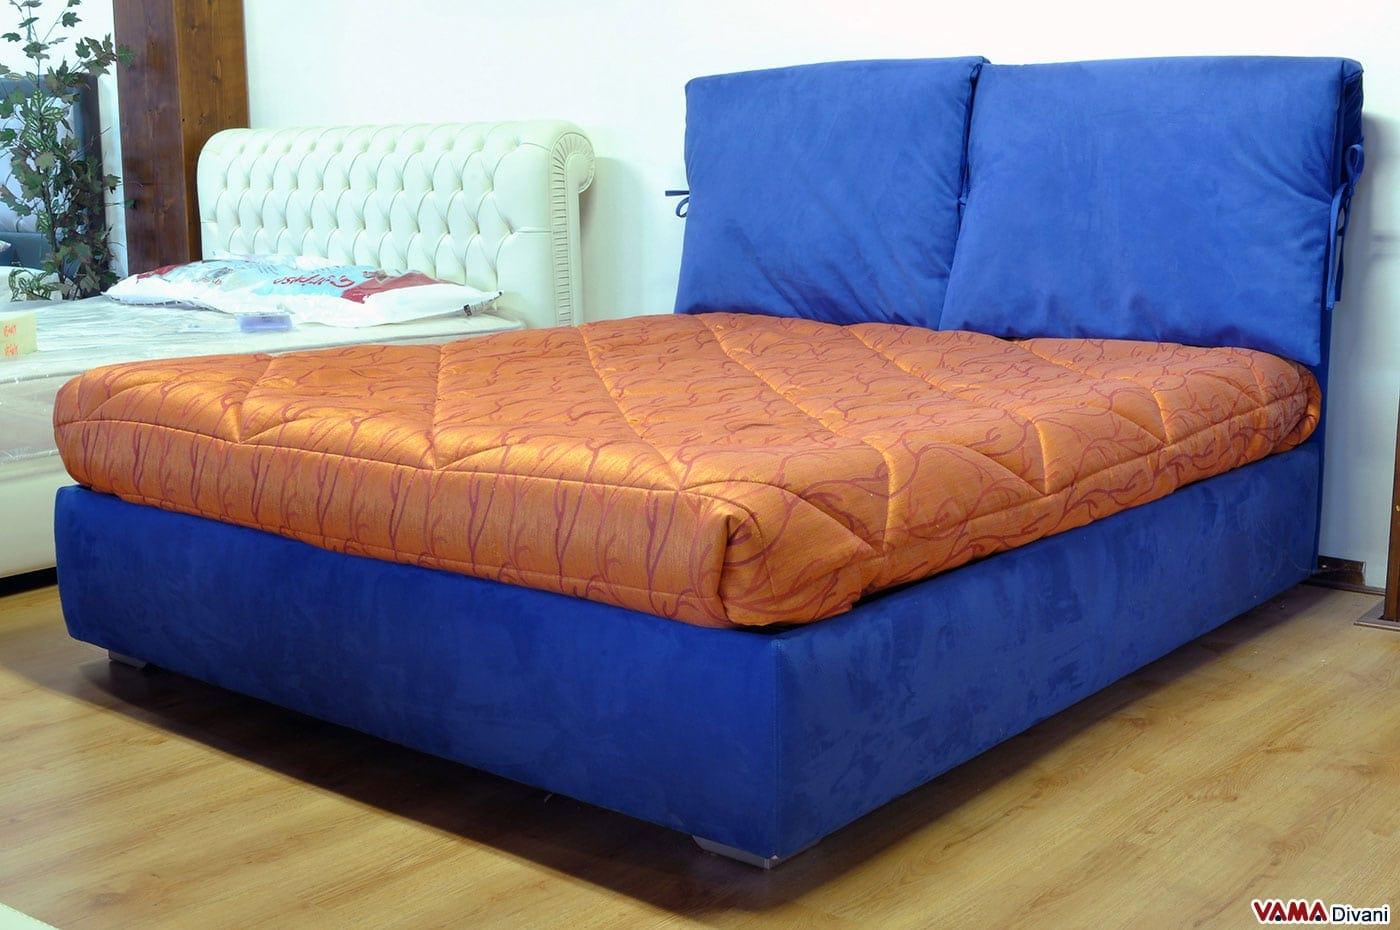 Divano letto con secondo letto estraibile mondo convenienza - Divano letto blu ...